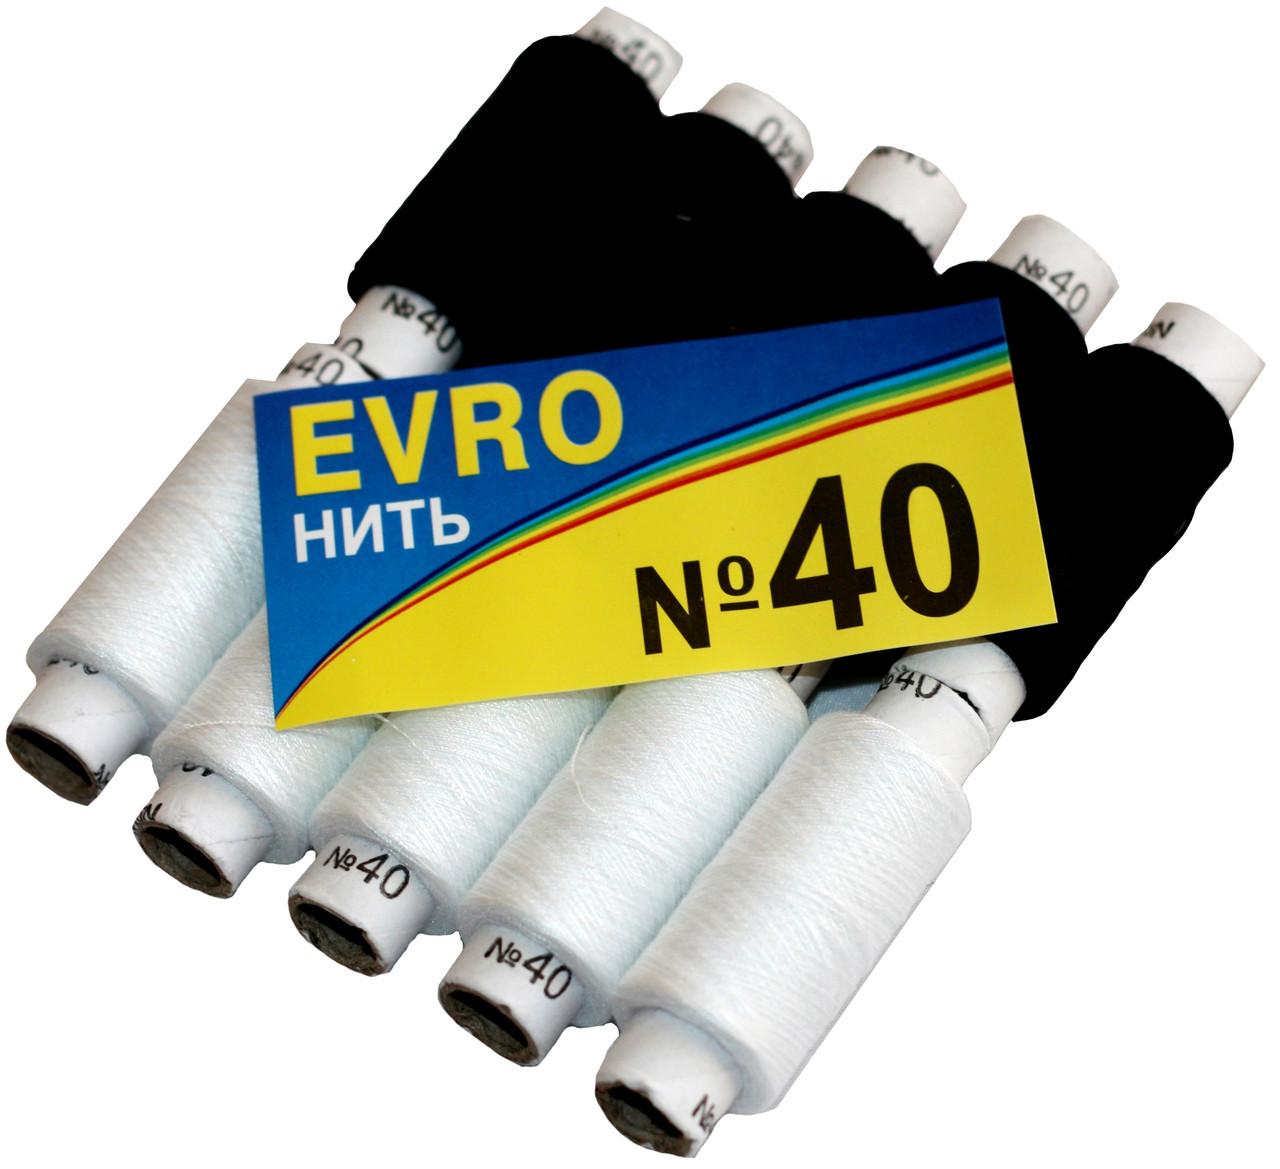 Нитки швейные EVRO №40 (10 катушек) черные+белые, полиэстер